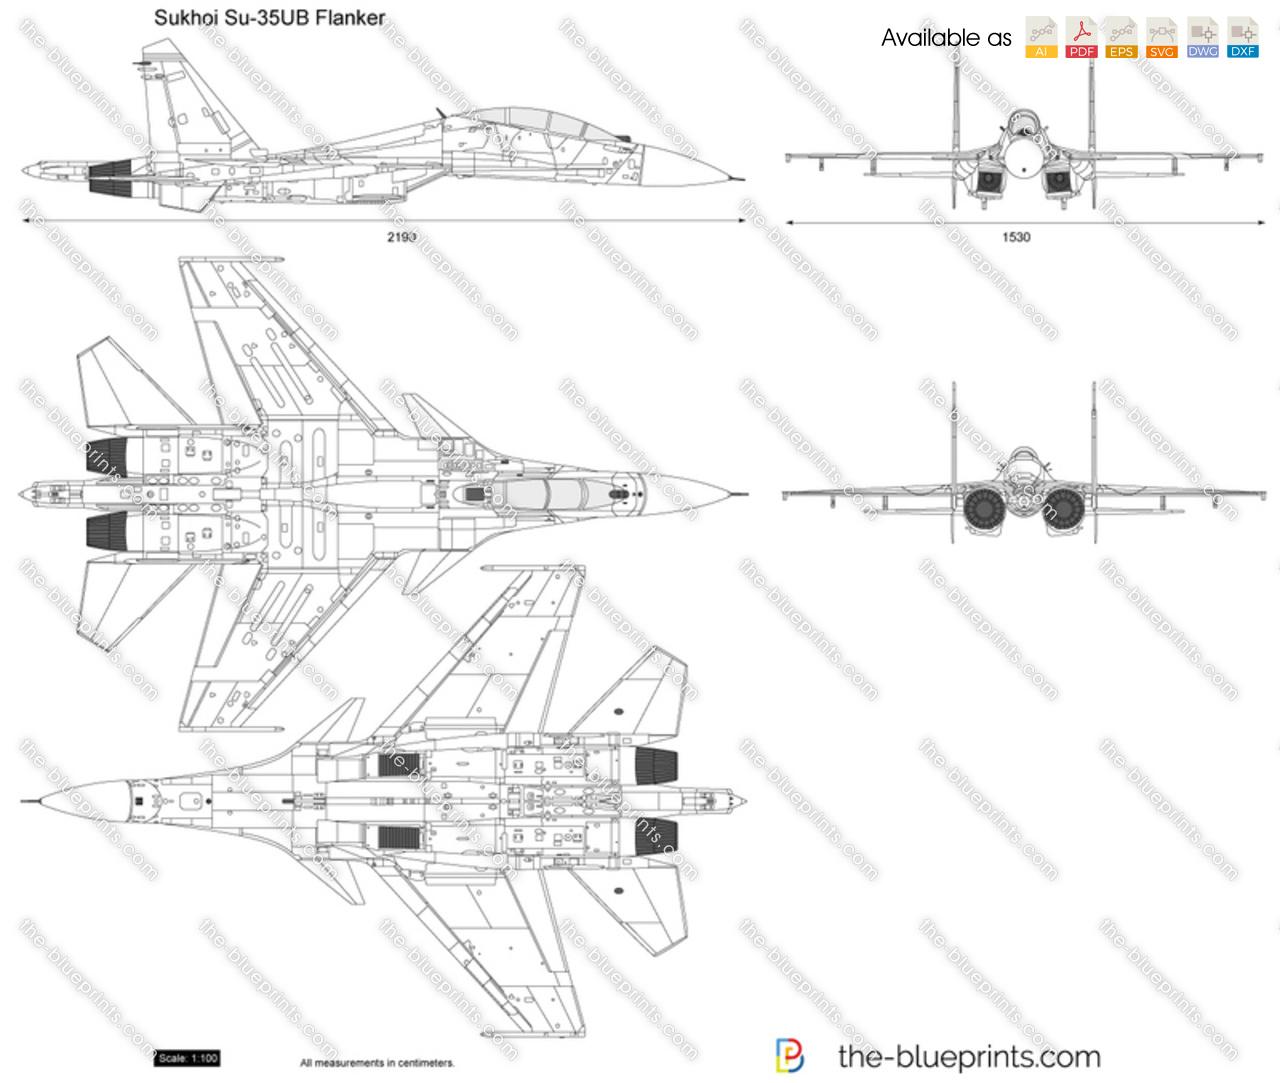 Sukhoi Su-35UB Flanker